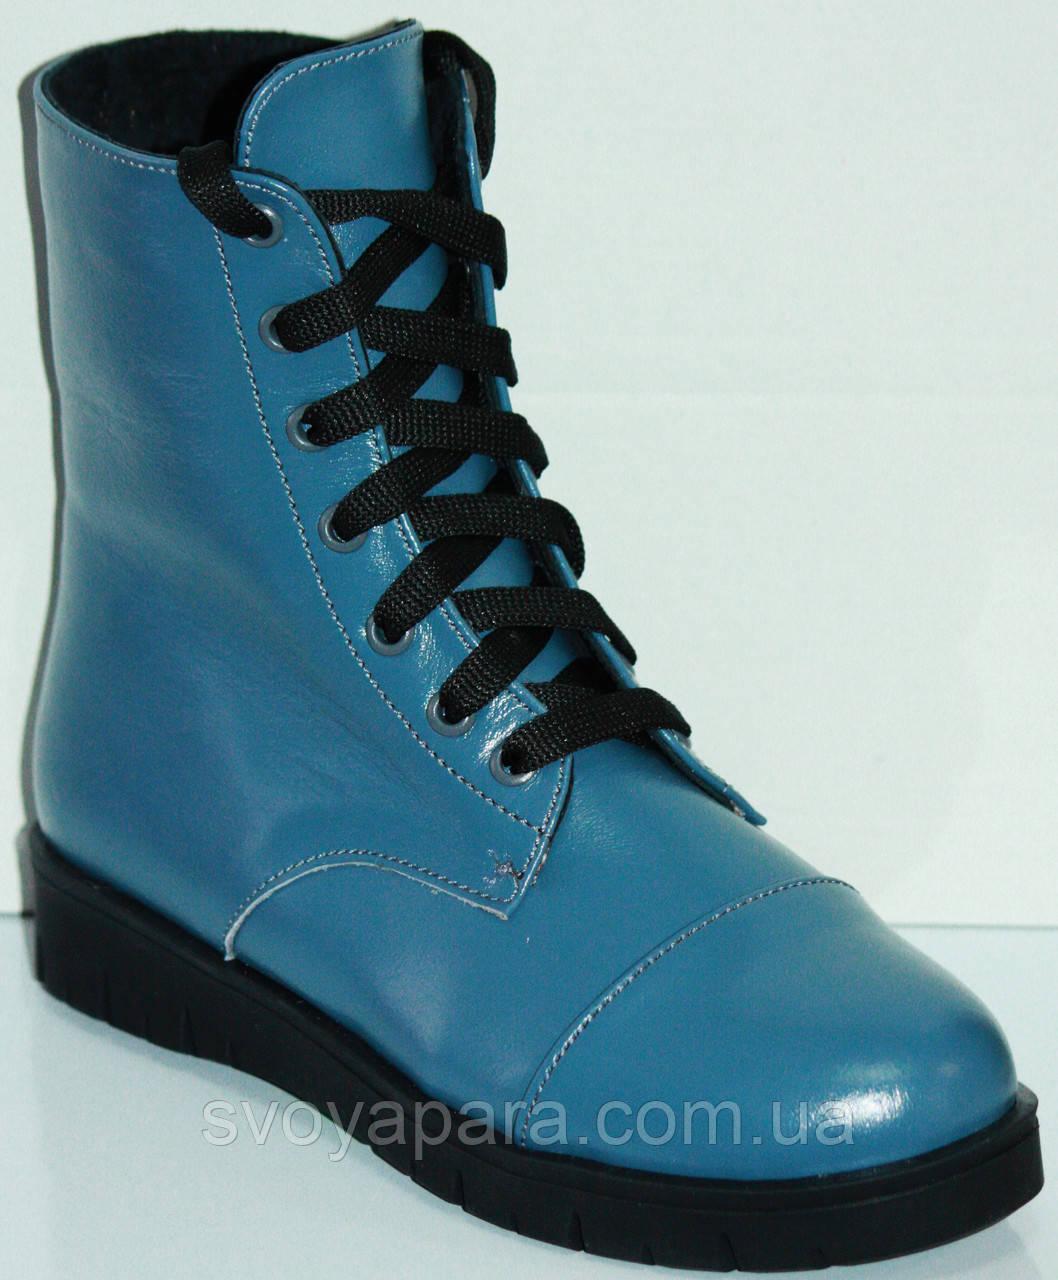 Ботинки зимние для девочек голубые кожаные (0057)